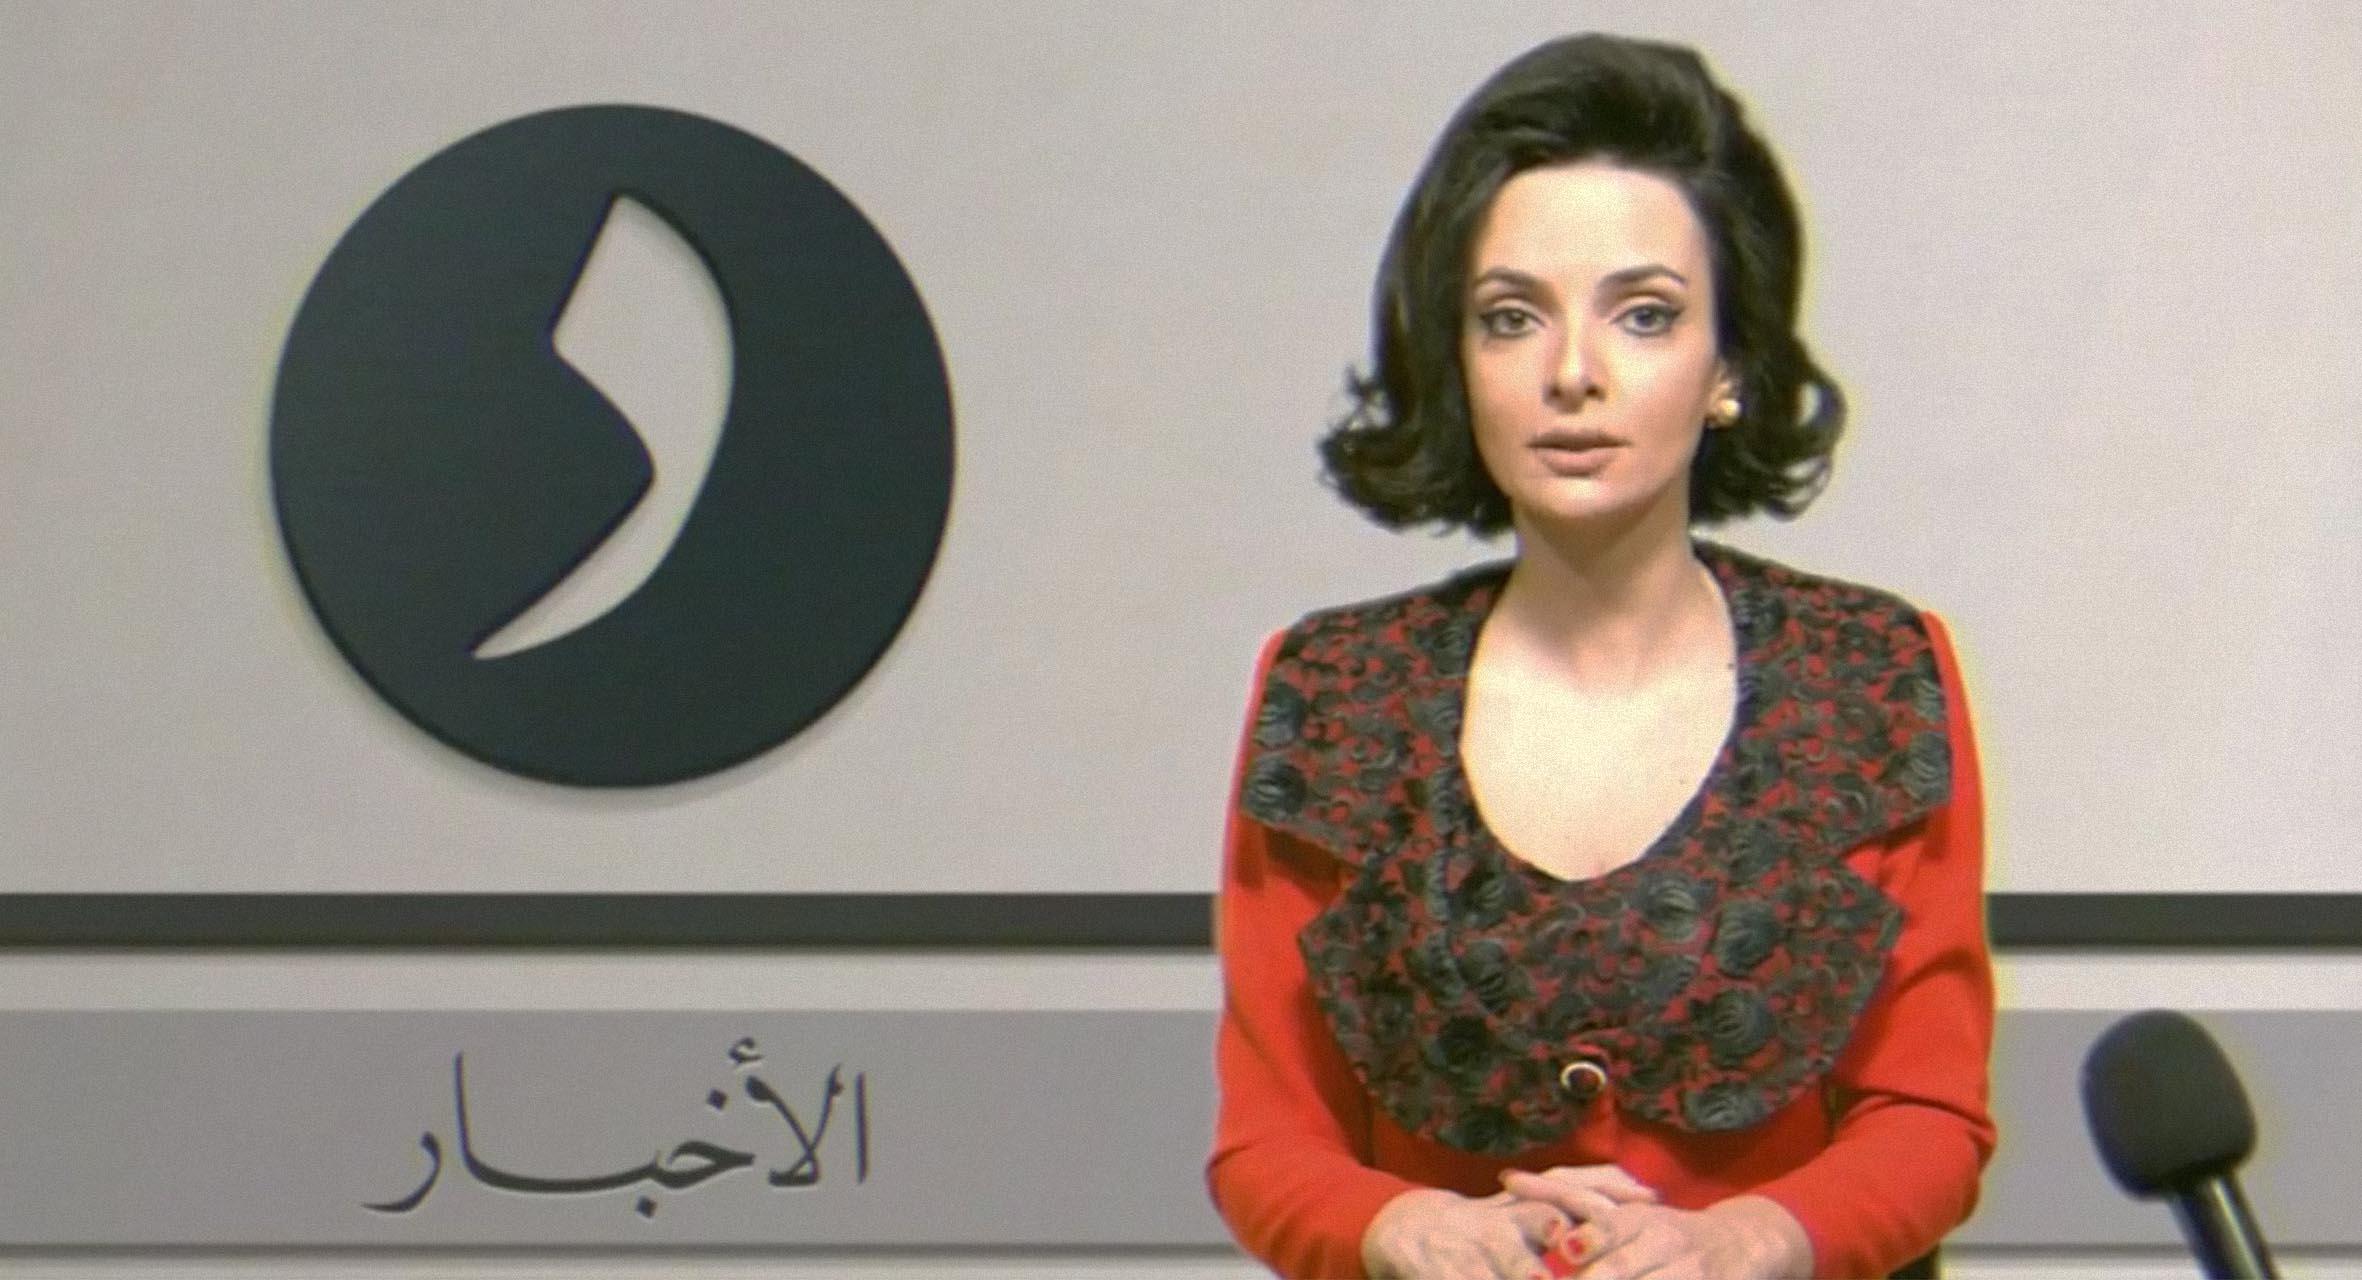 صورة تعاز ومواساة للأبواق الإعلامية والأقلام المأجورة التي لم تفز بهذا الموسم من جحصع